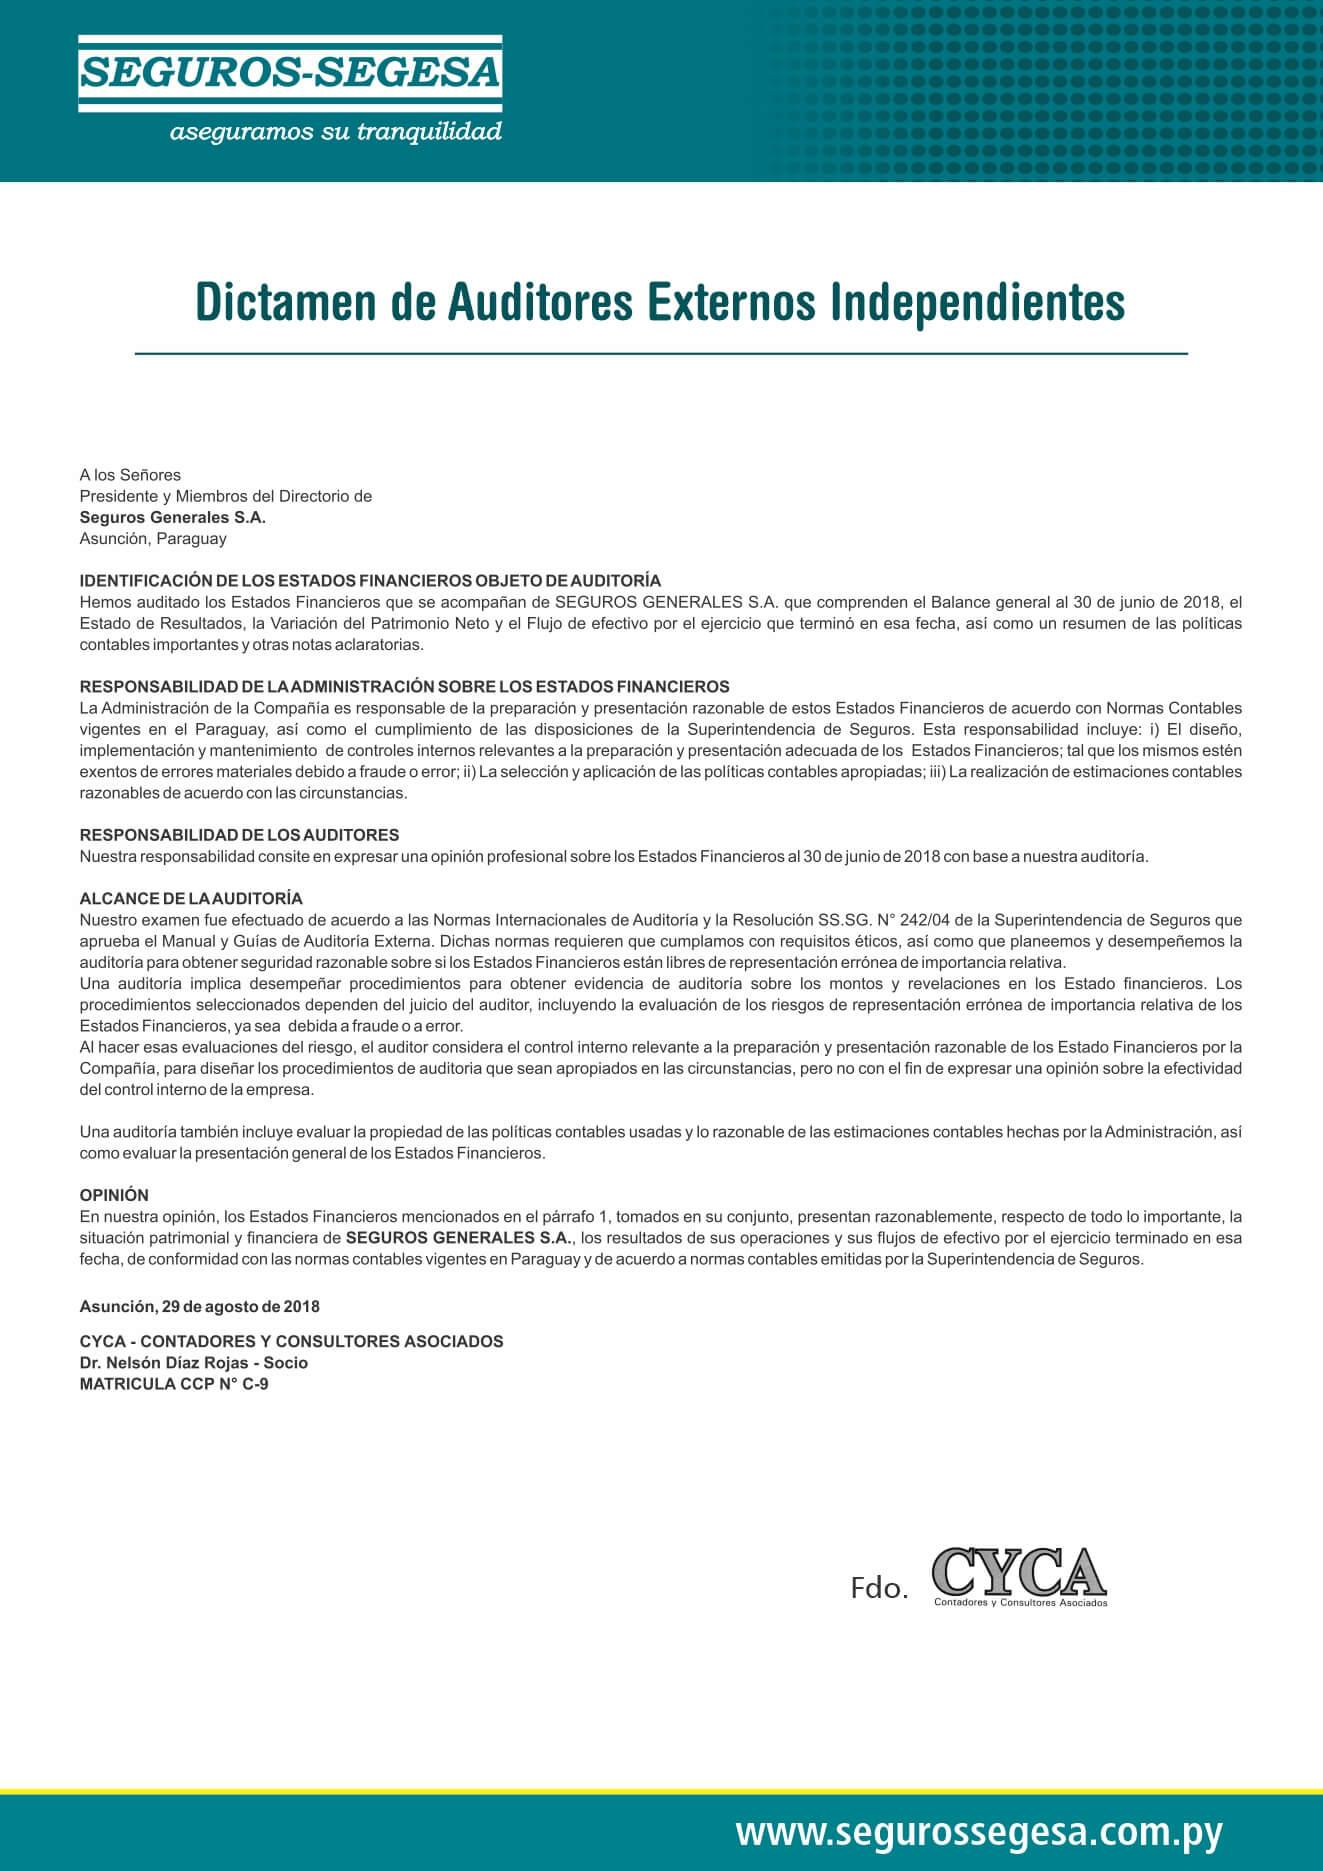 dictamen audictores 2018